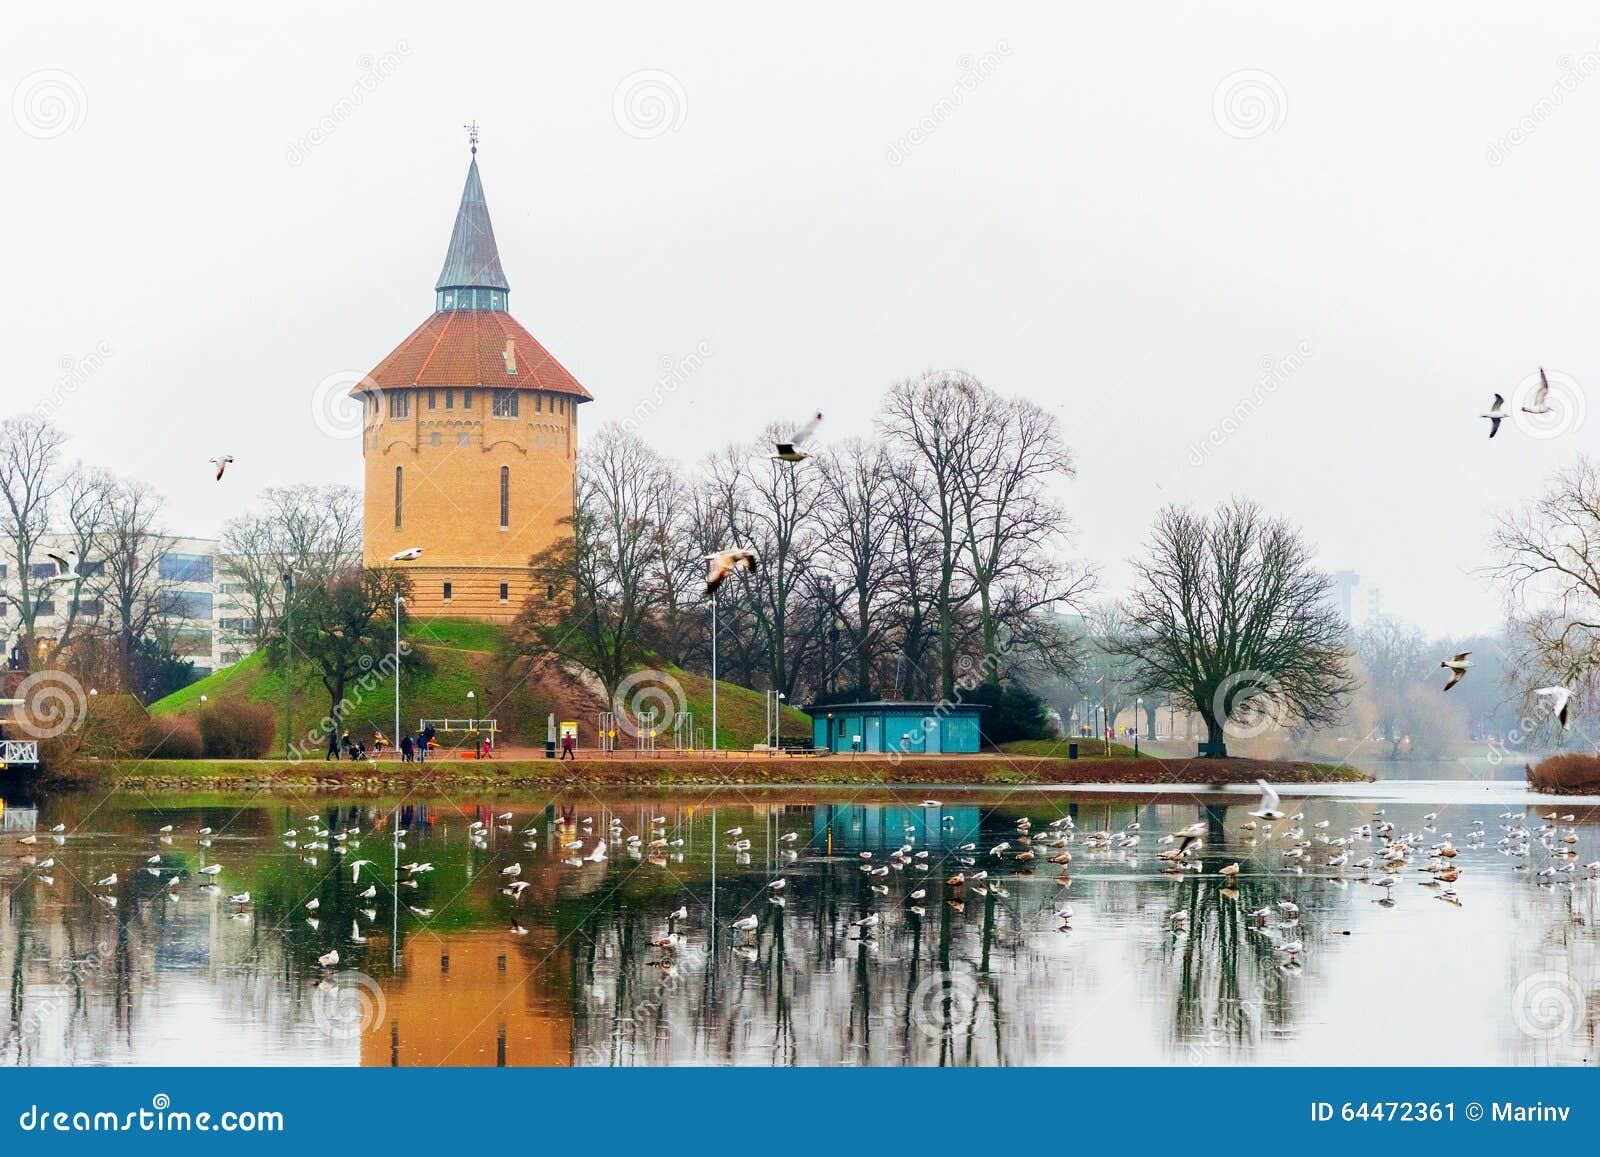 Ηρεμώντας σκηνές φύσης και χειμώνα γύρω από τη λίμνη στο κέντρο του Μάλμοε στη Σουηδία